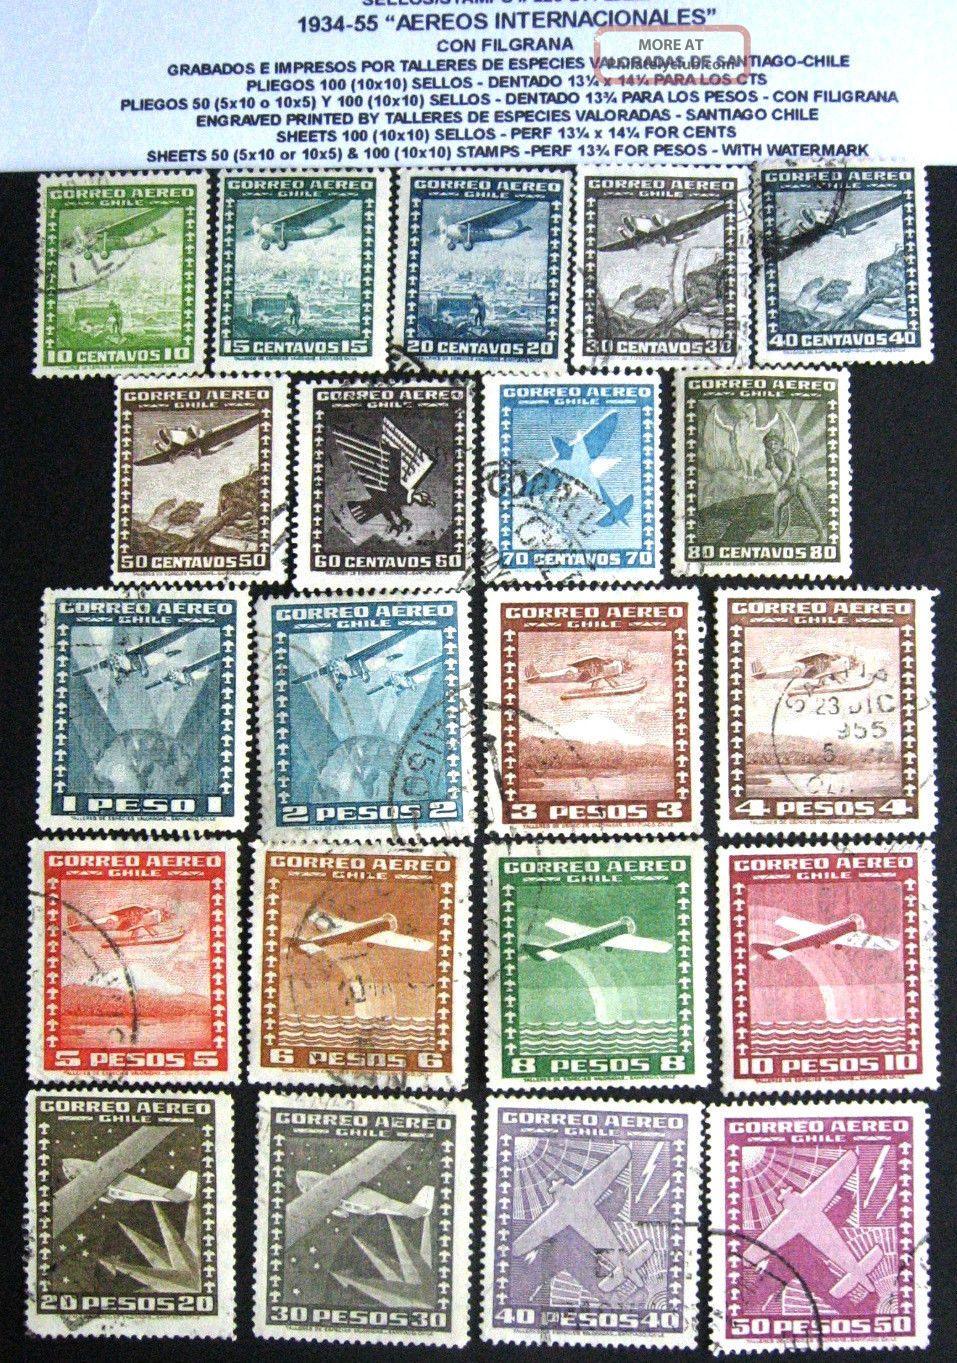 Chile:1934 - 55 Serie Completa Lan Con Filigrana Uvf Latin America photo